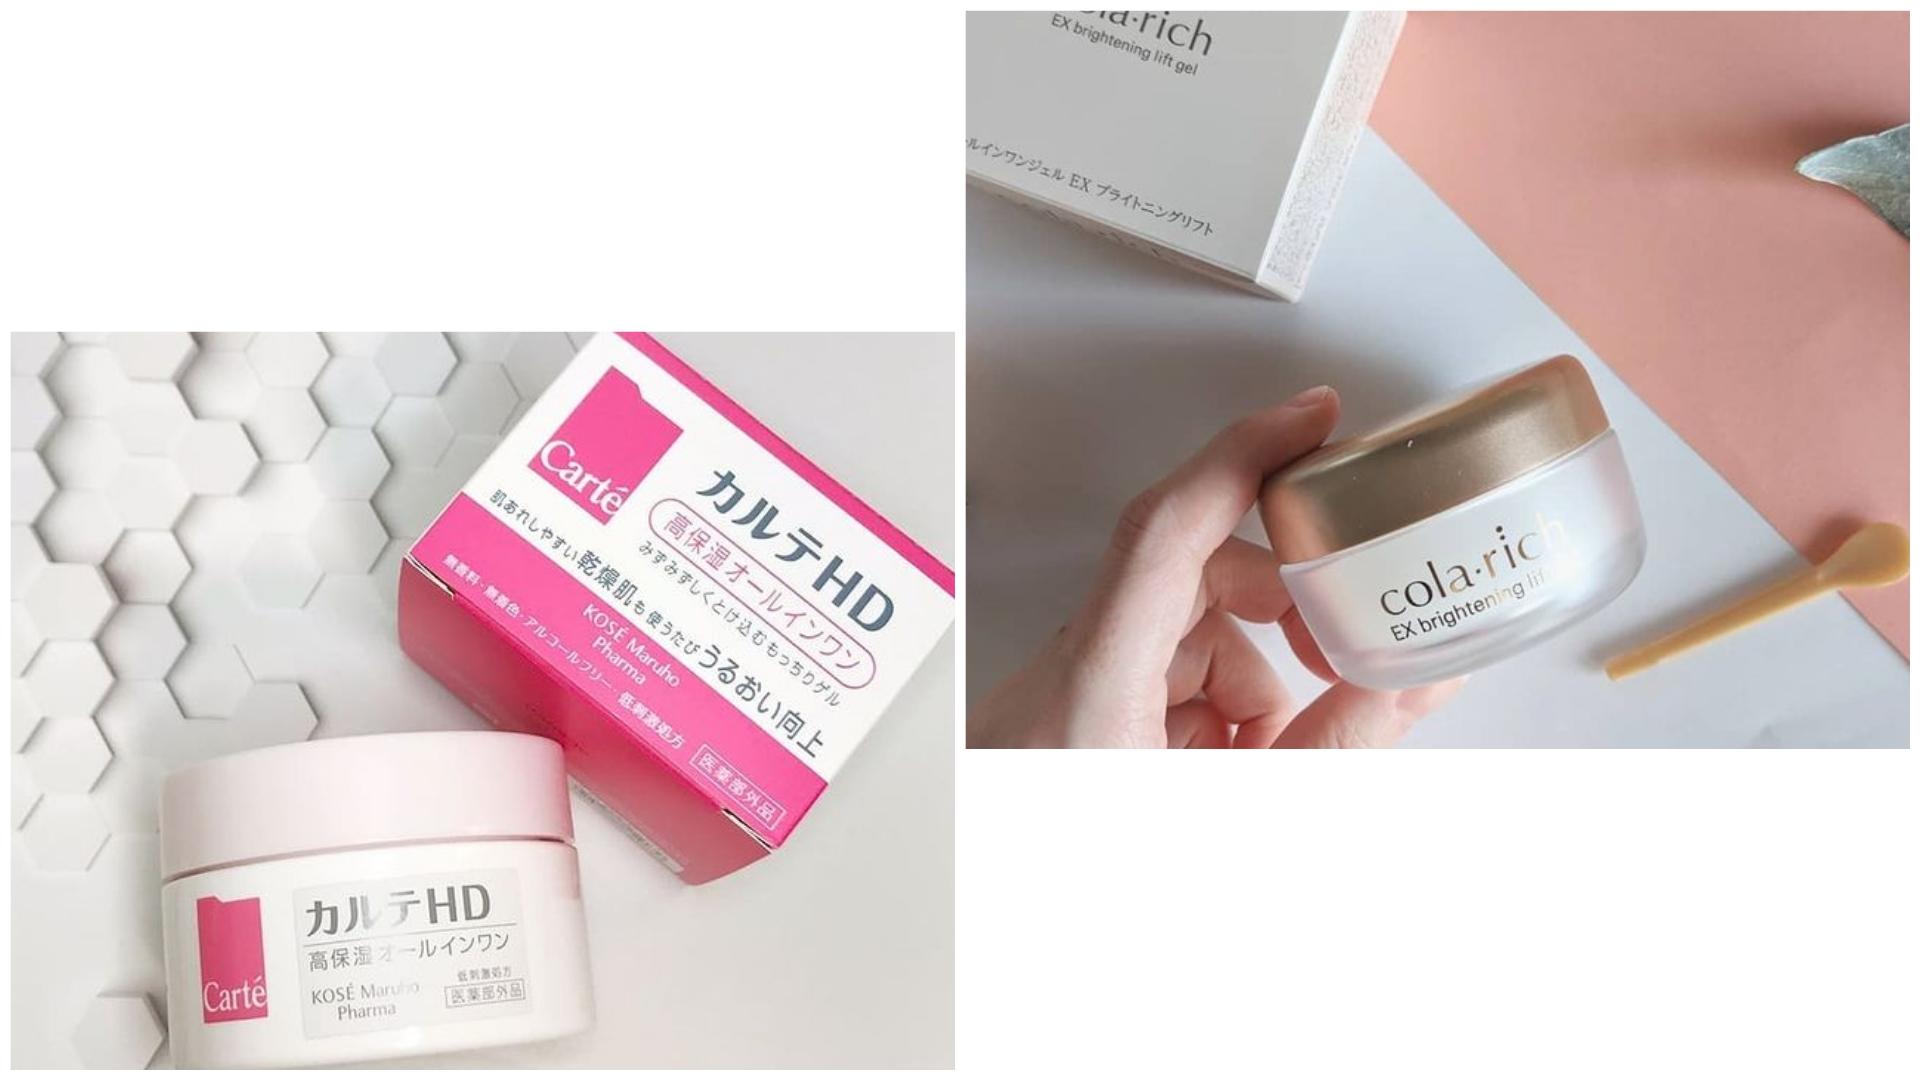 【60代向け】オールインワン化粧品おすすめランキング10選